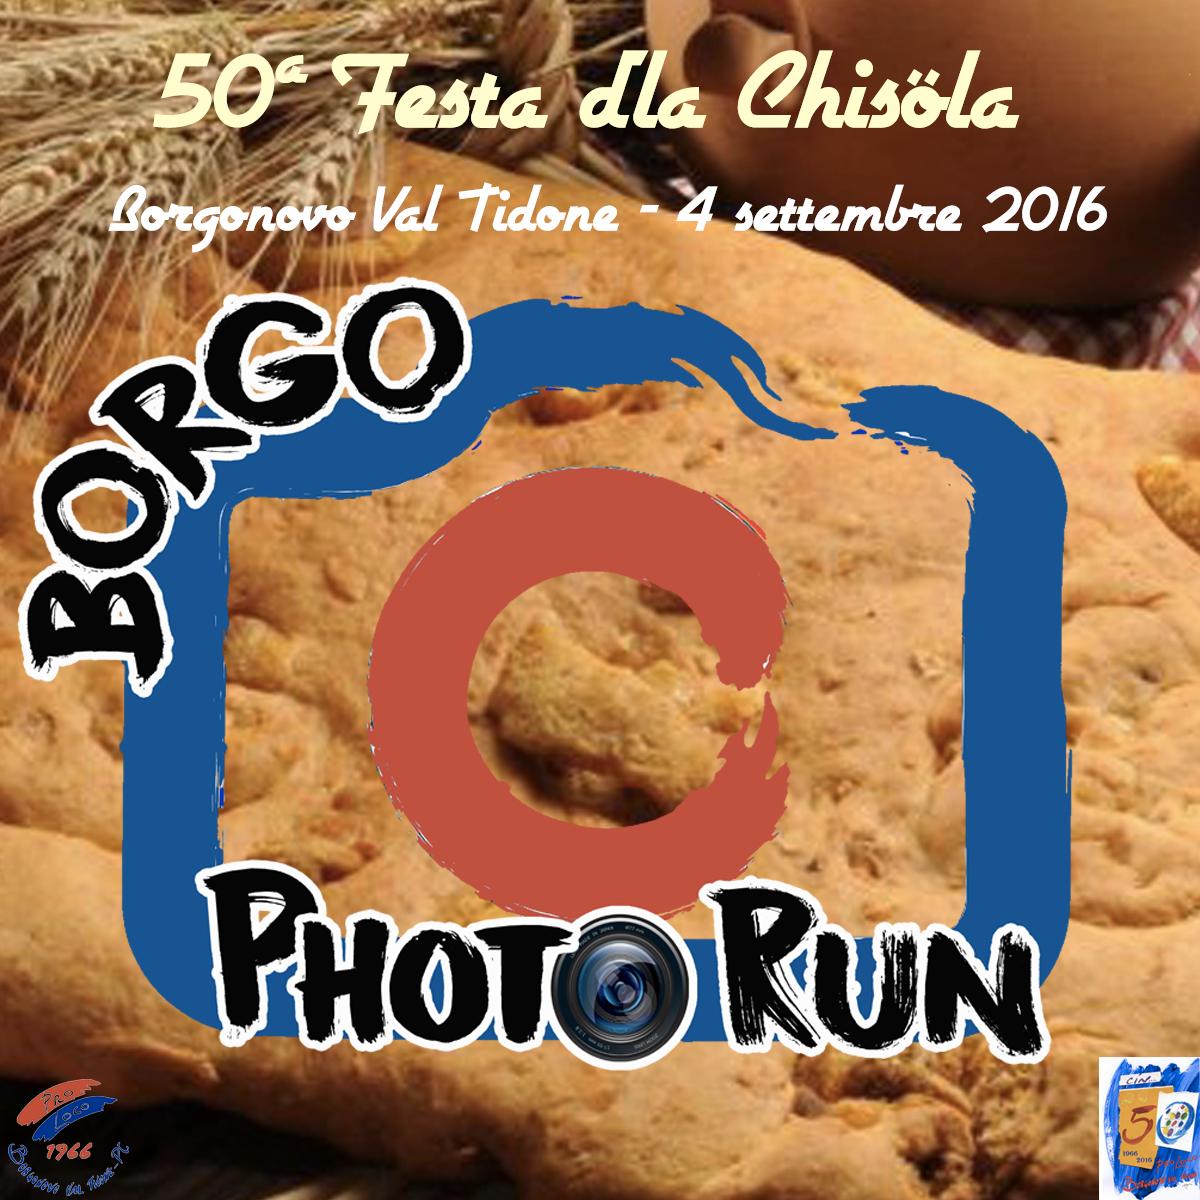 Borgo Photo Run